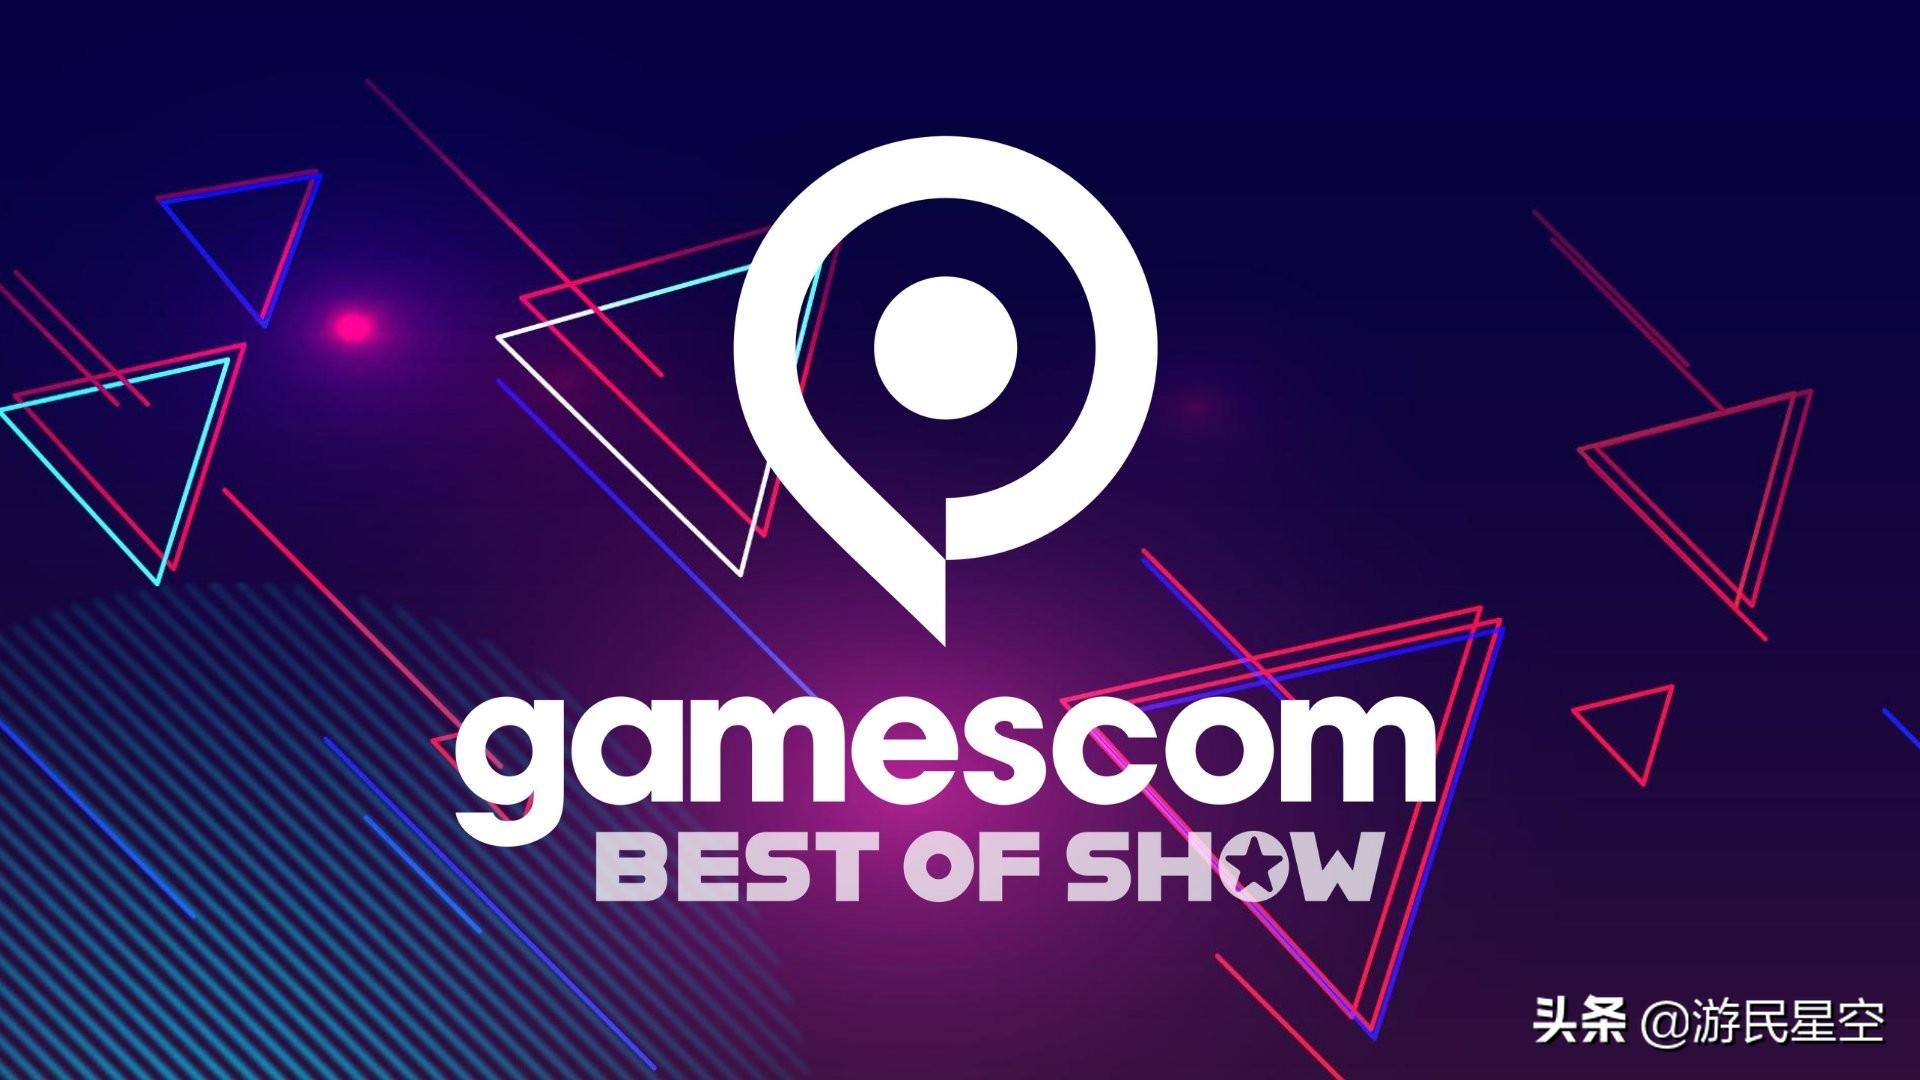 科隆2020游戏大奖颁发《赛博朋克2077》成最大赢家